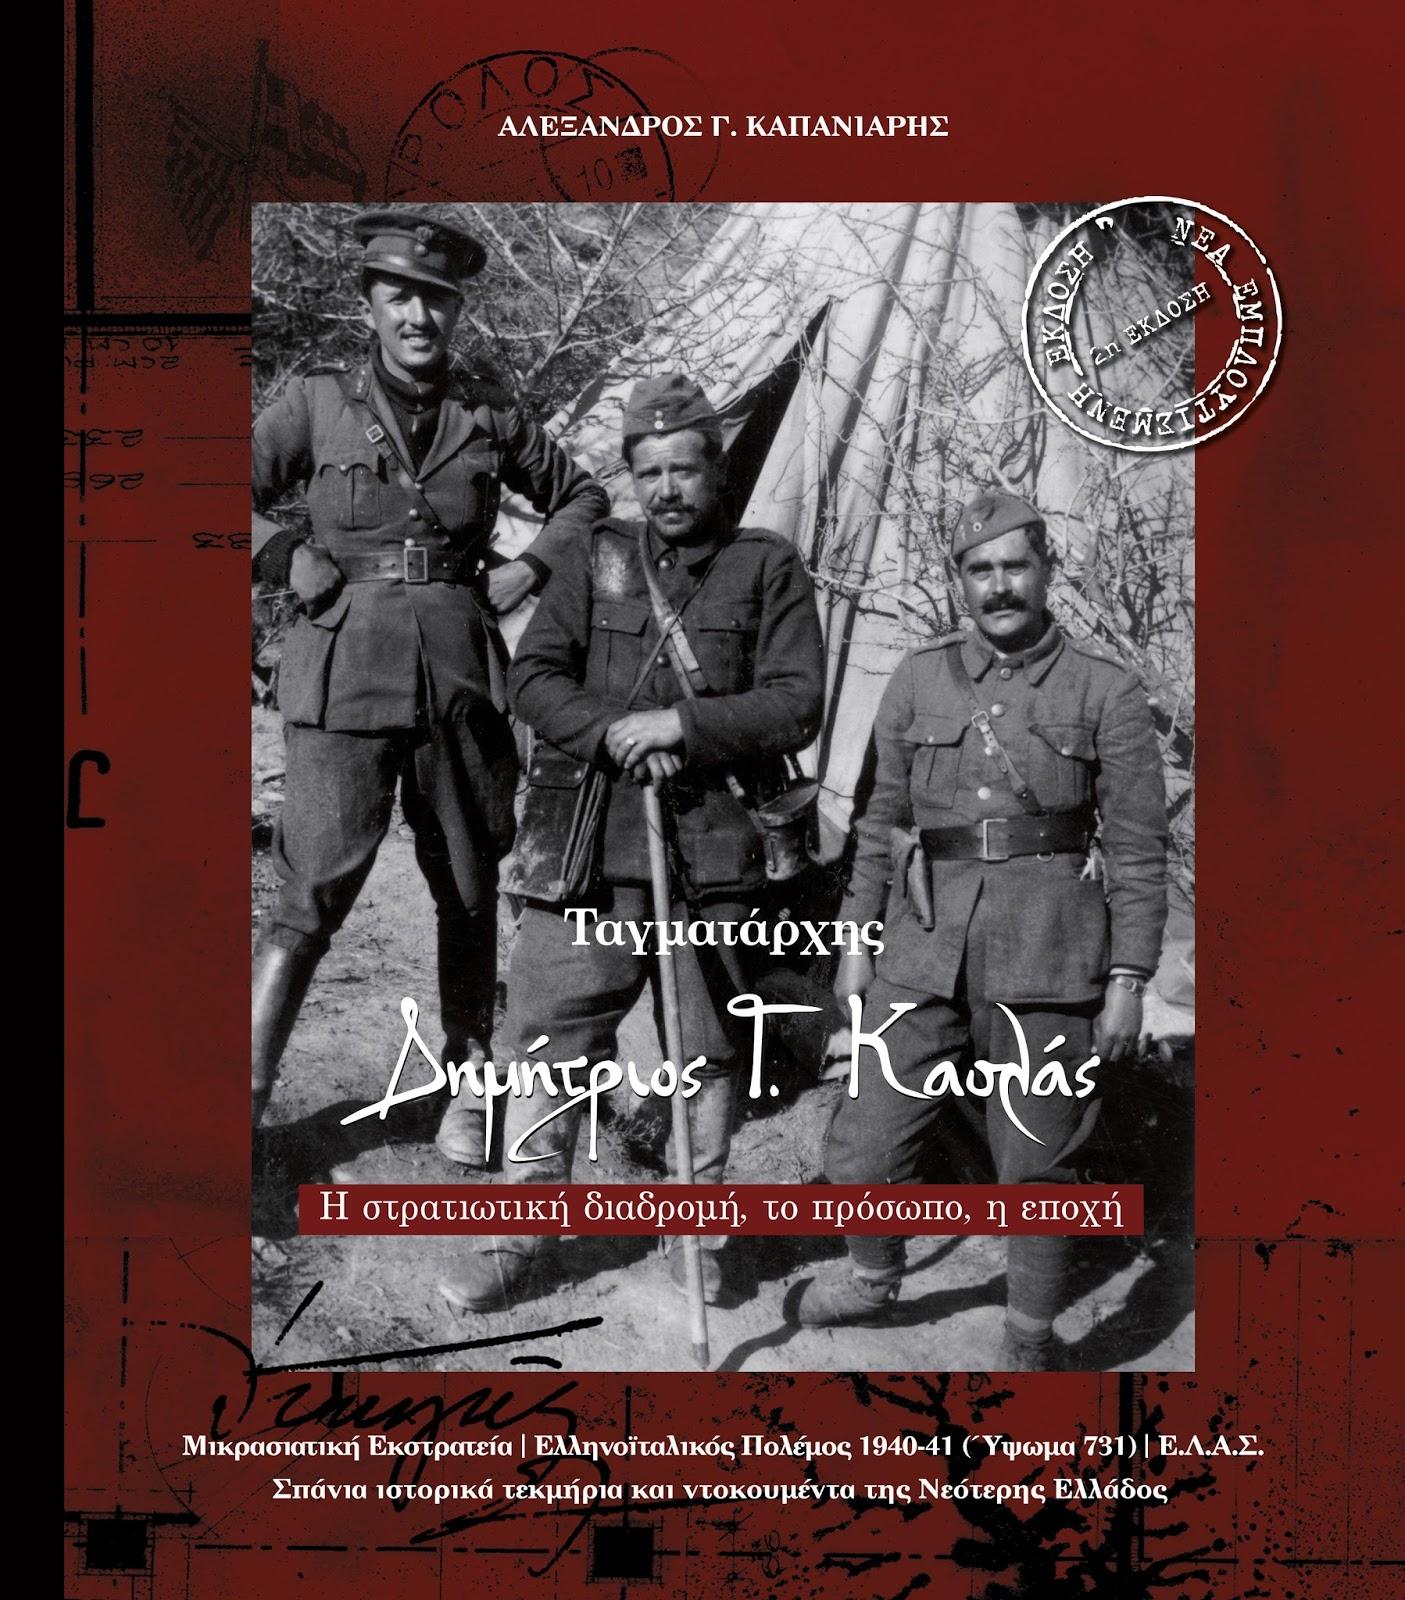 Λεύκωμα  Δημήτριος Γ. Κασλάς: Η στρατιωτική διαδρομή, ο άνθρωπος, η εποχή